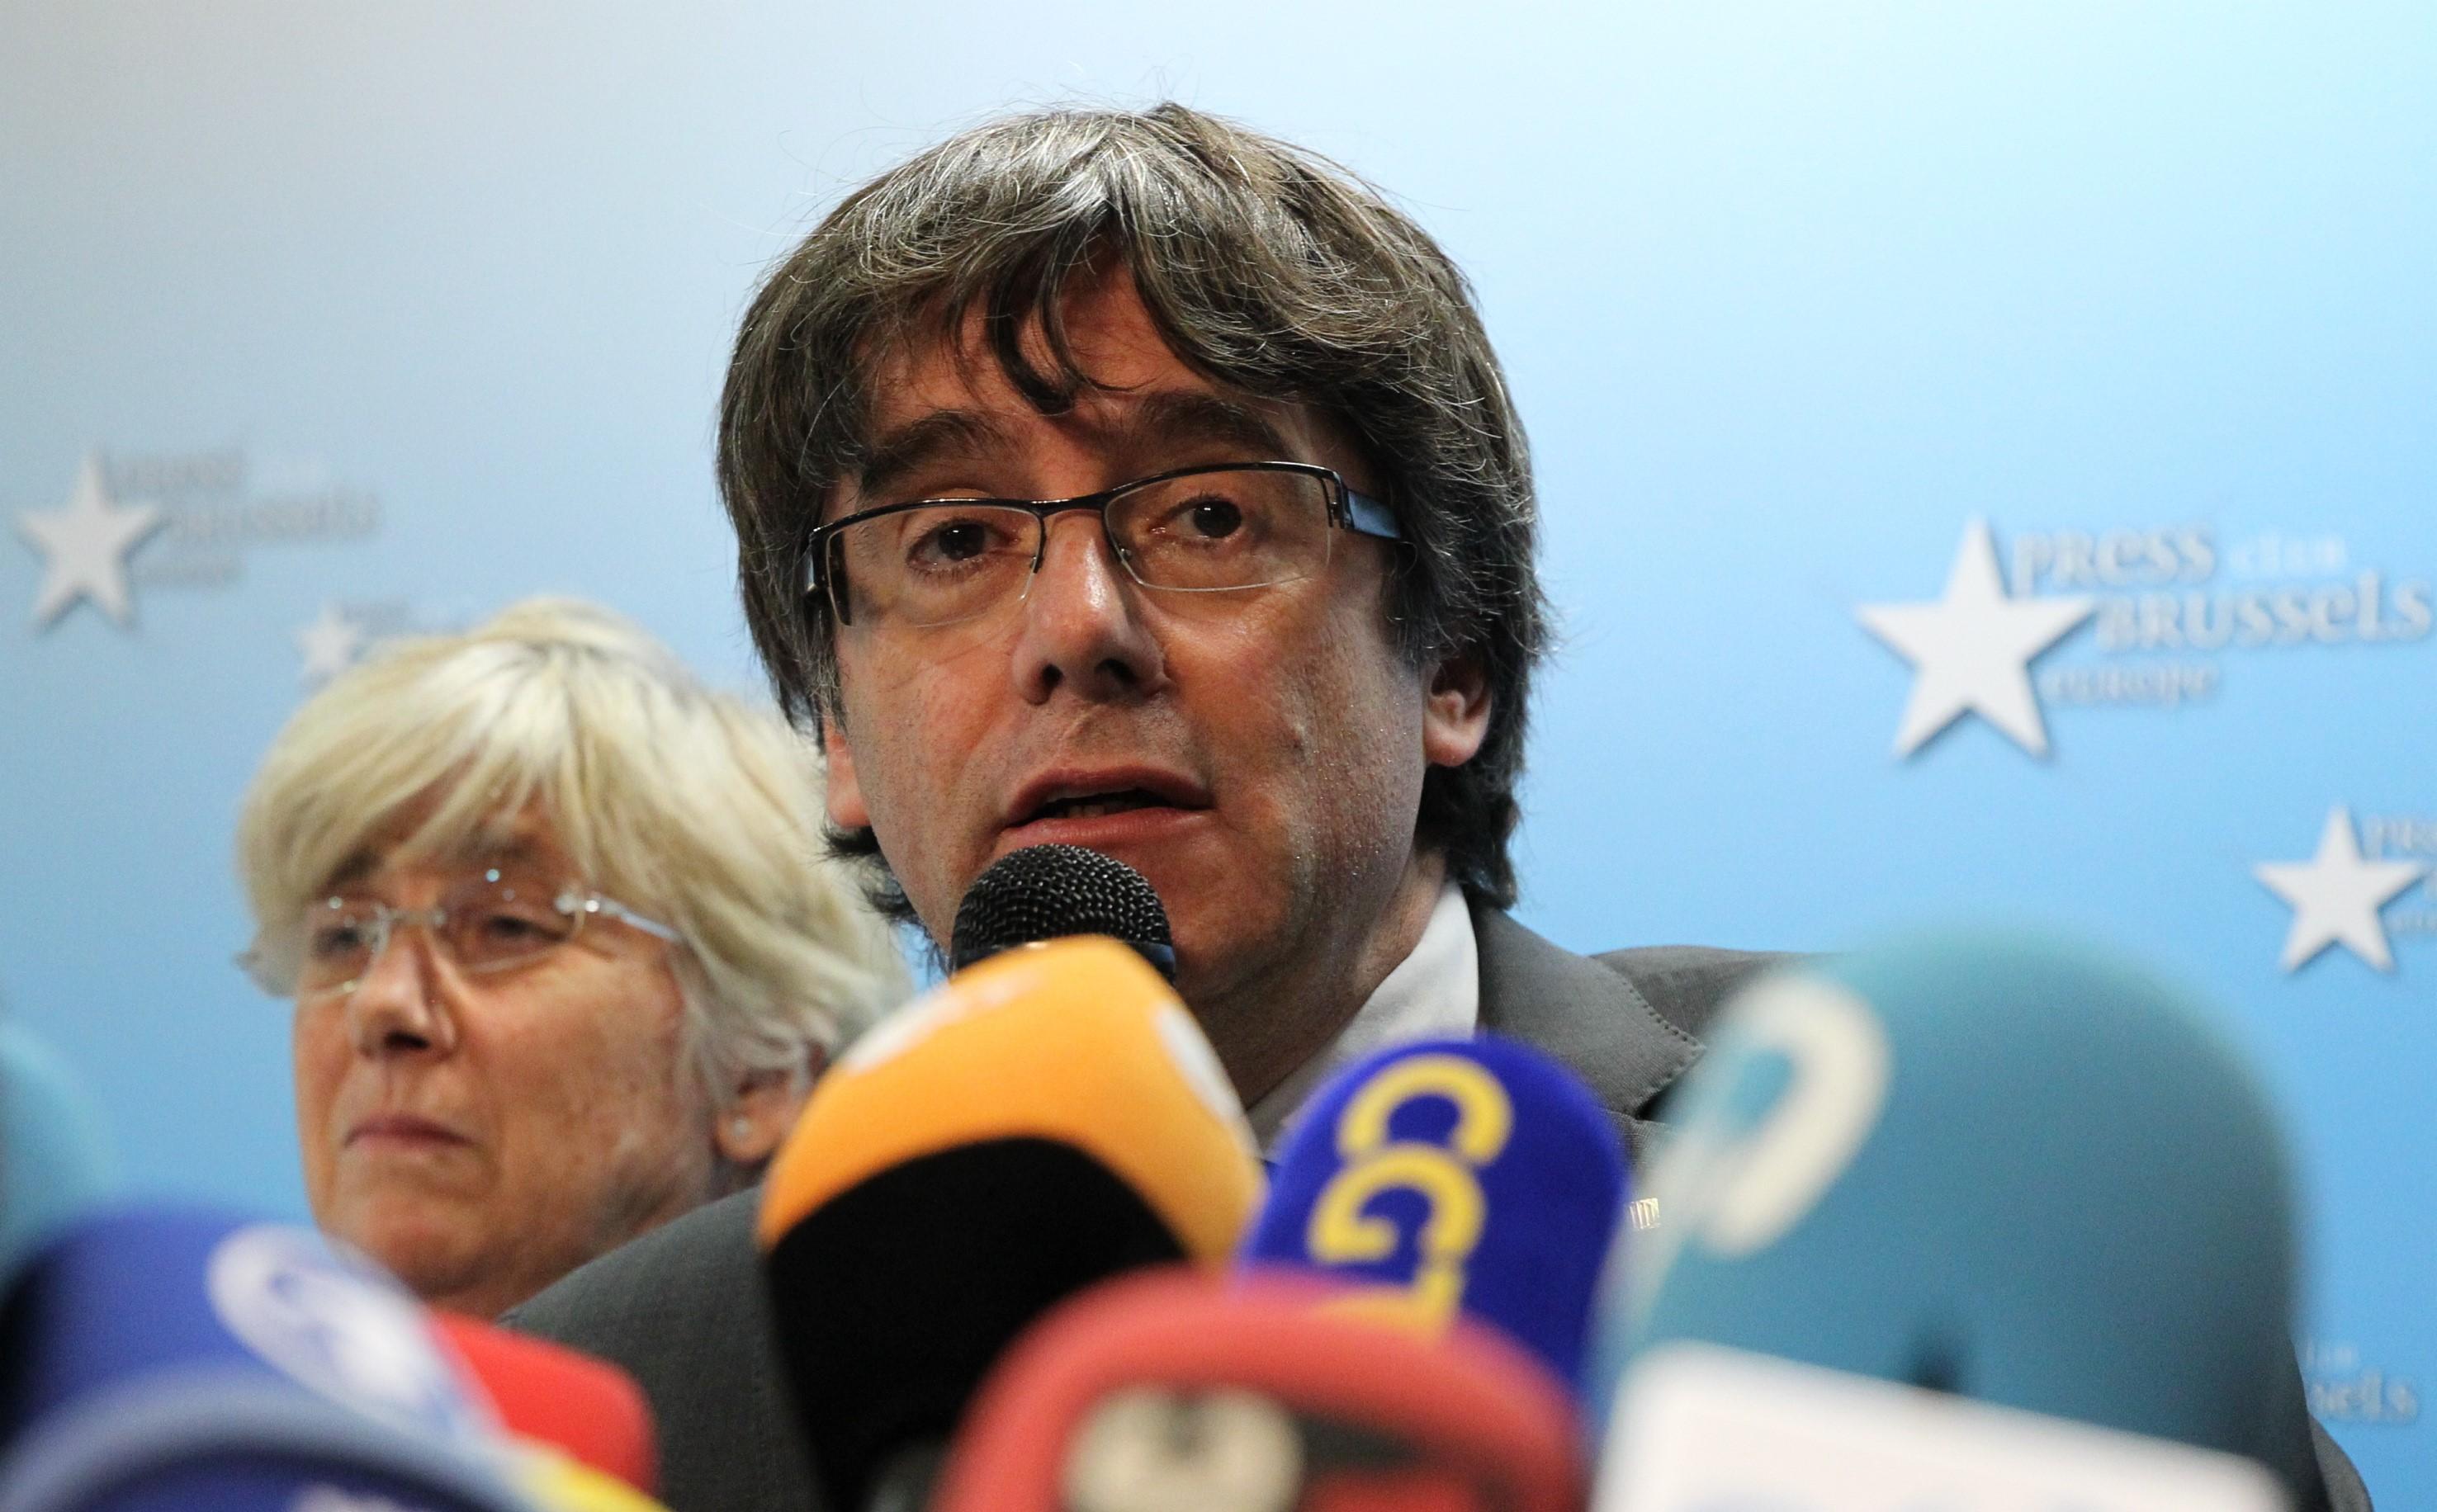 Carles Puigdemont va coopera cu autorităţile spaniole, deşi este un `proces politic`. Anunţul făcut de avocatul fostului lider catalan